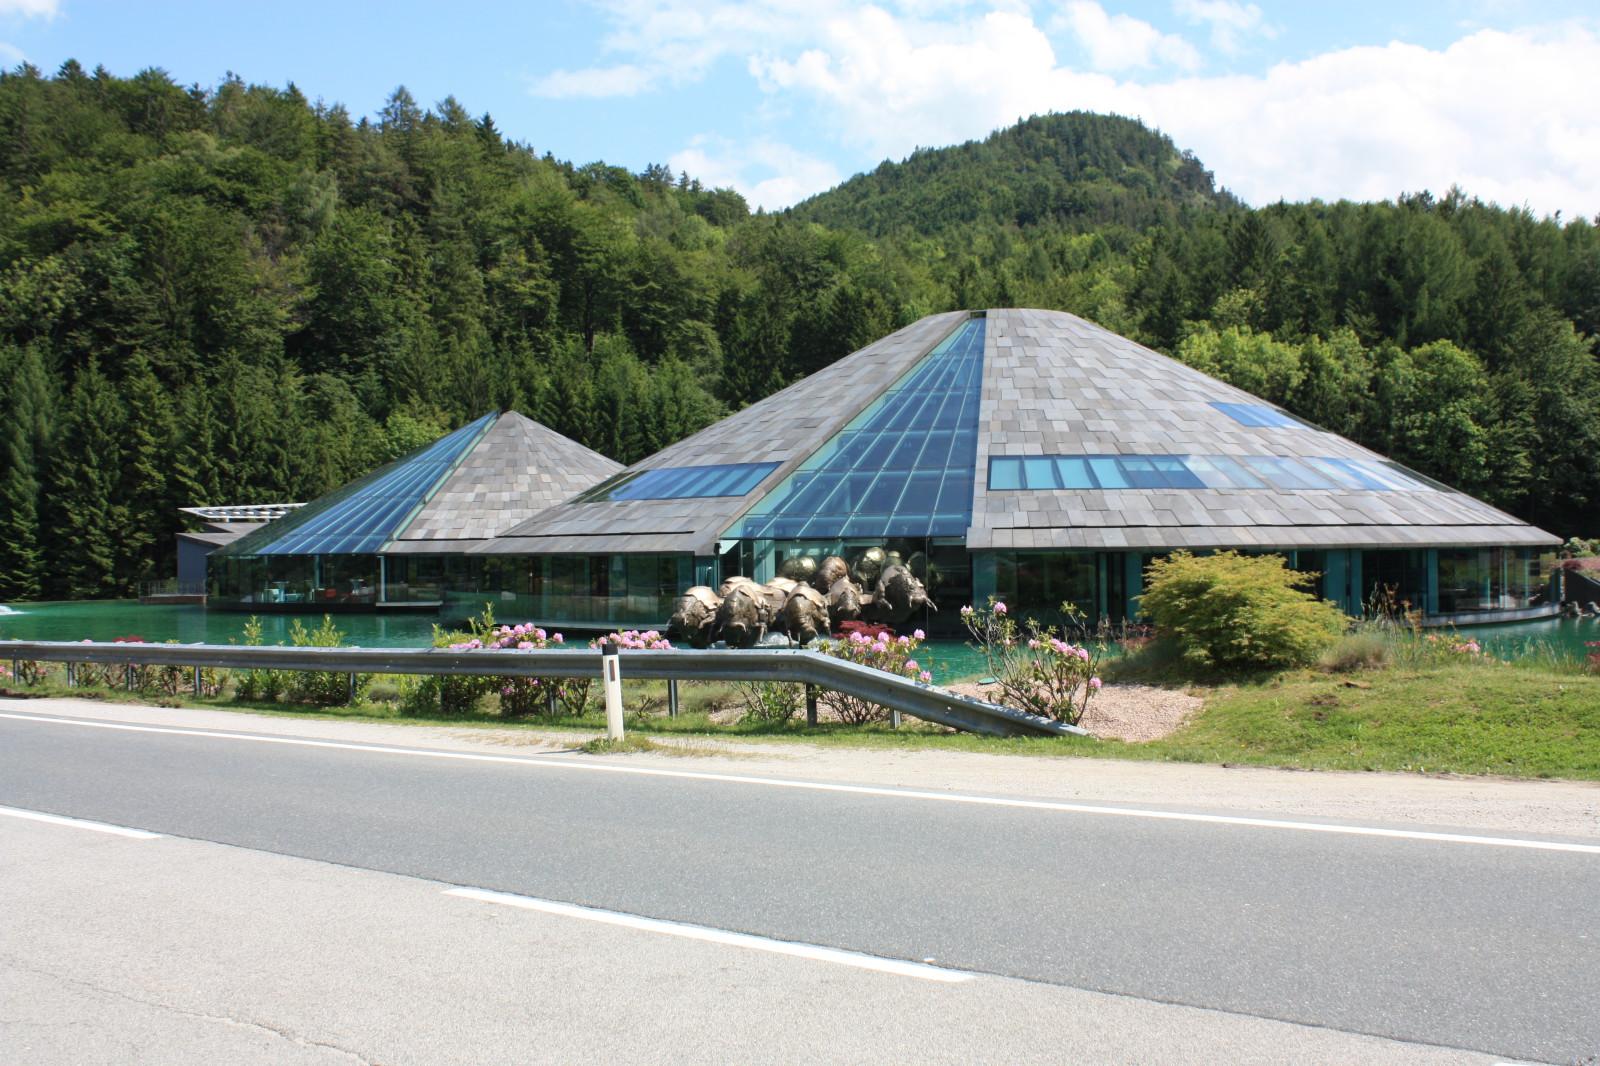 Architektonische Sehenswürdigkeit: Der bekannte Sitz von Red Bull